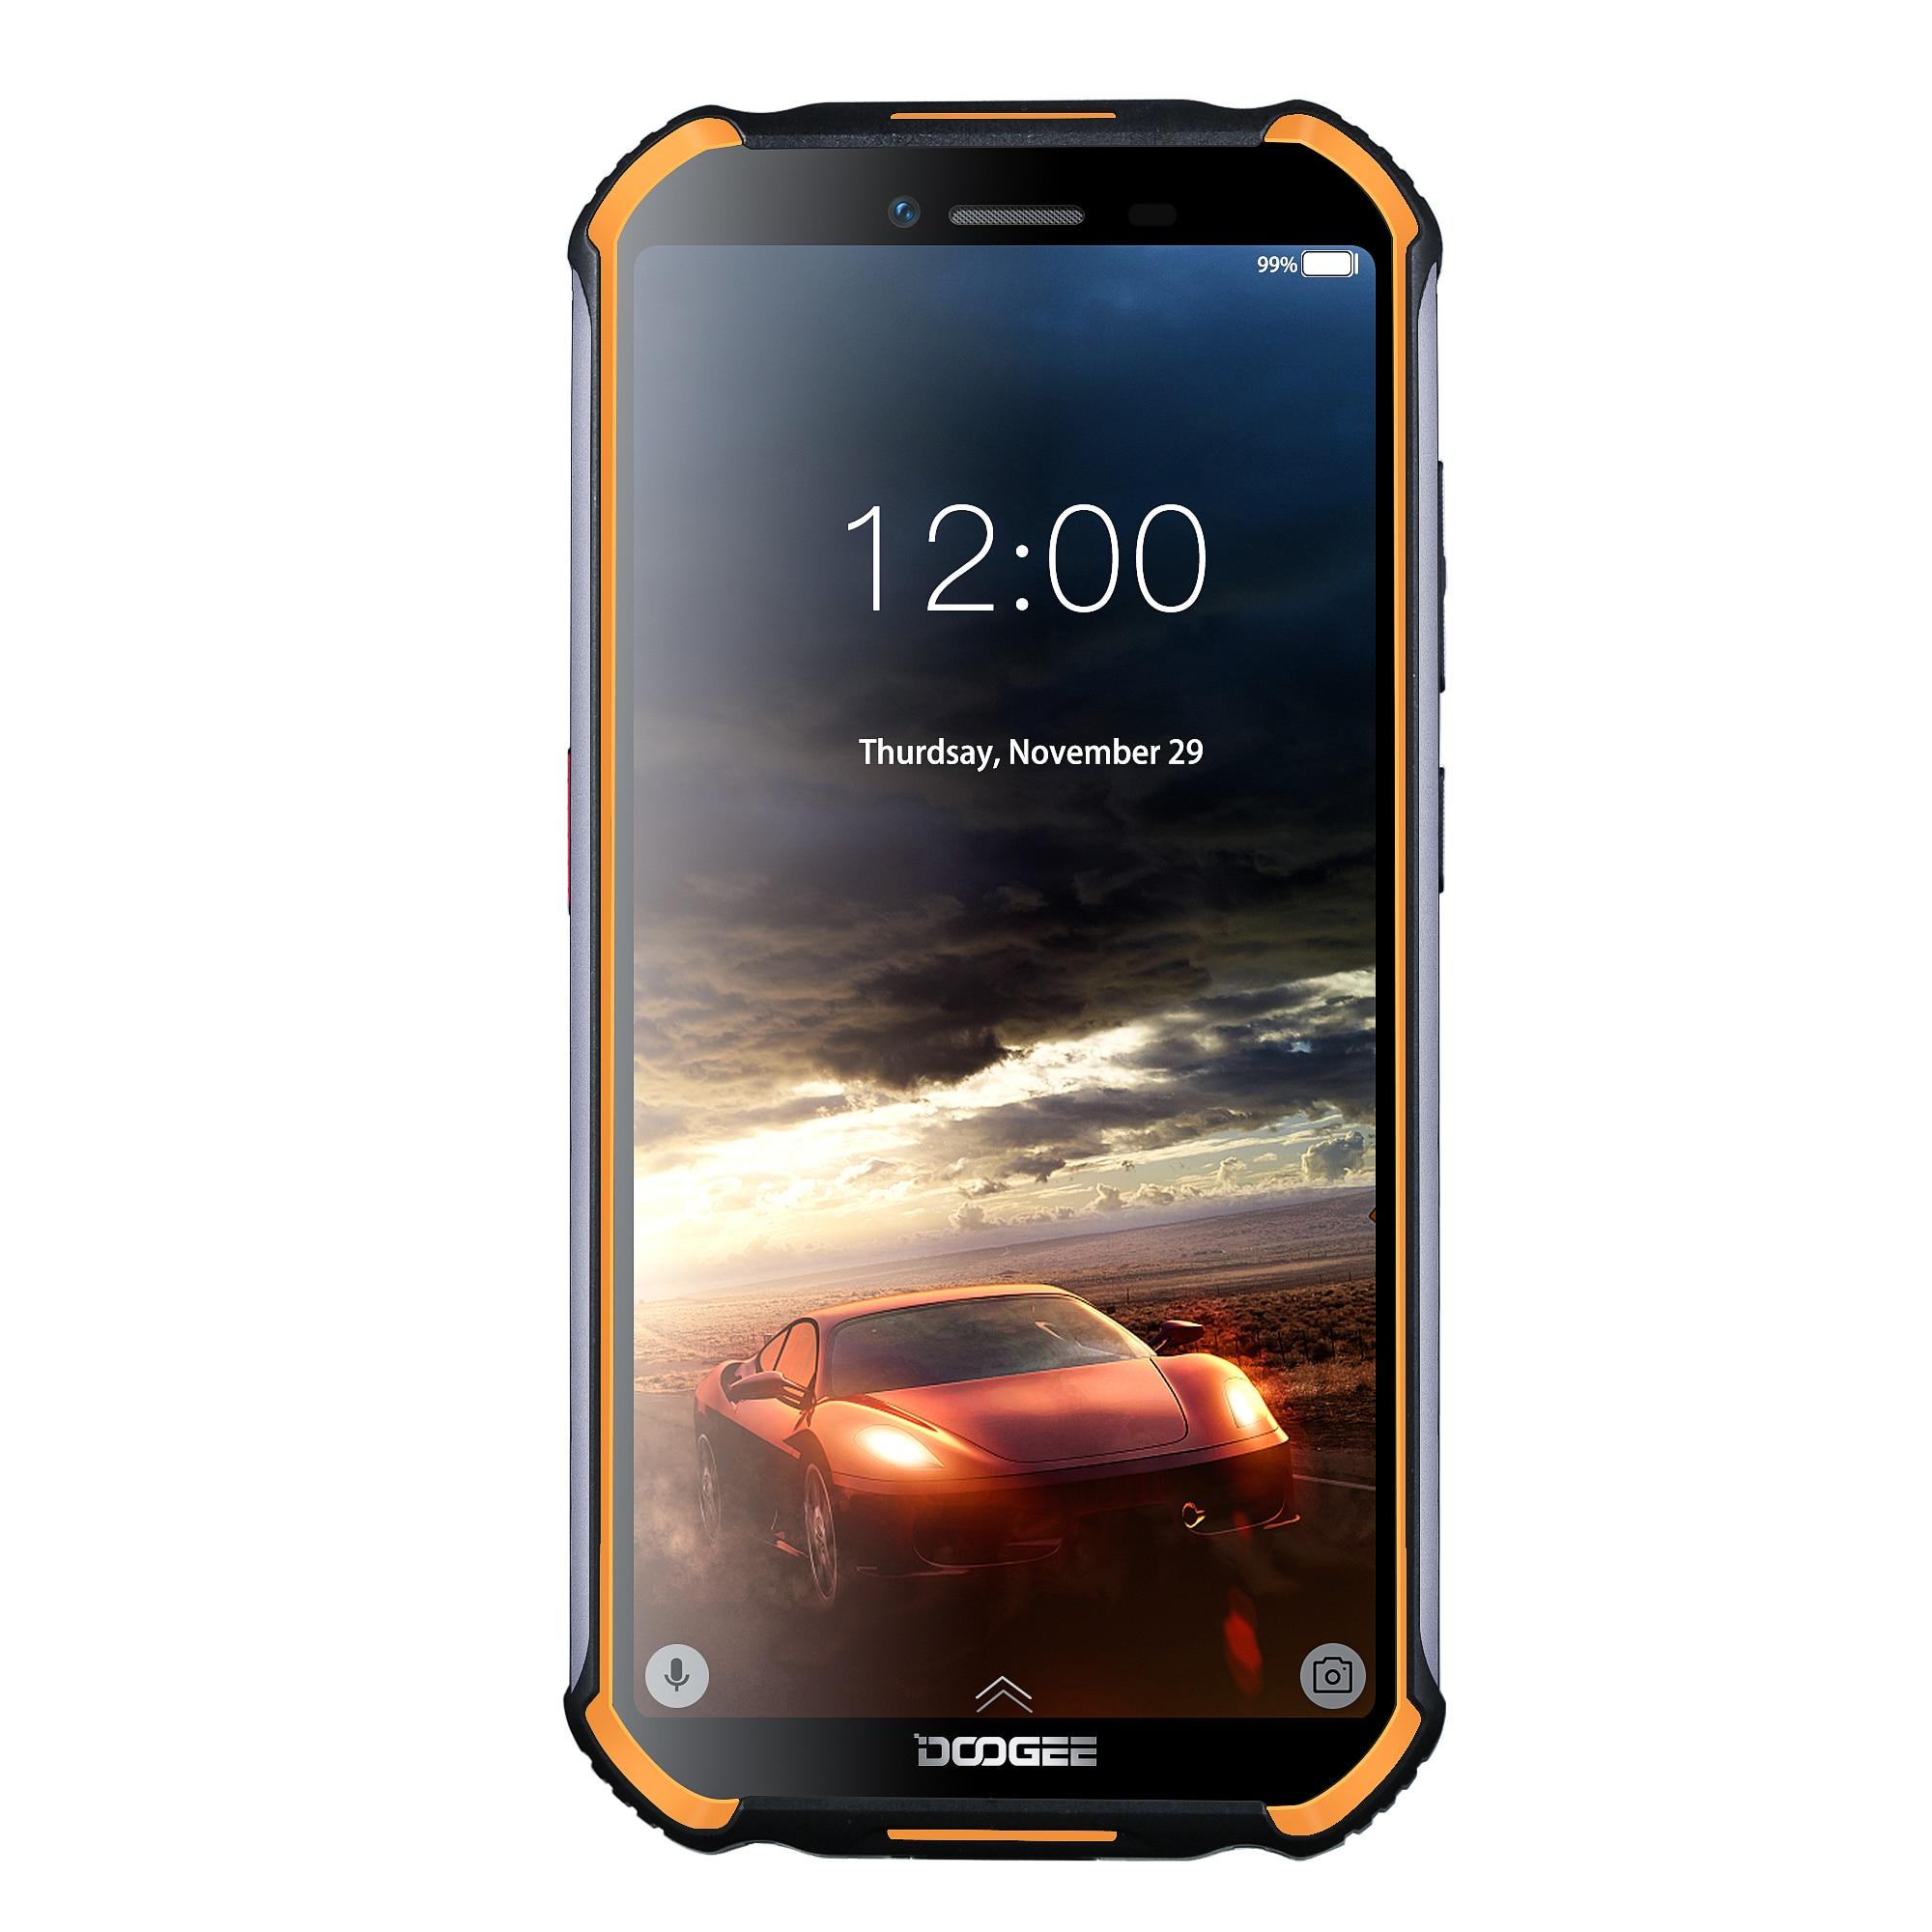 DOOGEE S40 Android 9.0 4G réseau téléphone Mobile robuste 5.5 pouces téléphone portable MT6739 Quad Core 3GB RAM 32GB ROM 8.0MP IP68/IP69K